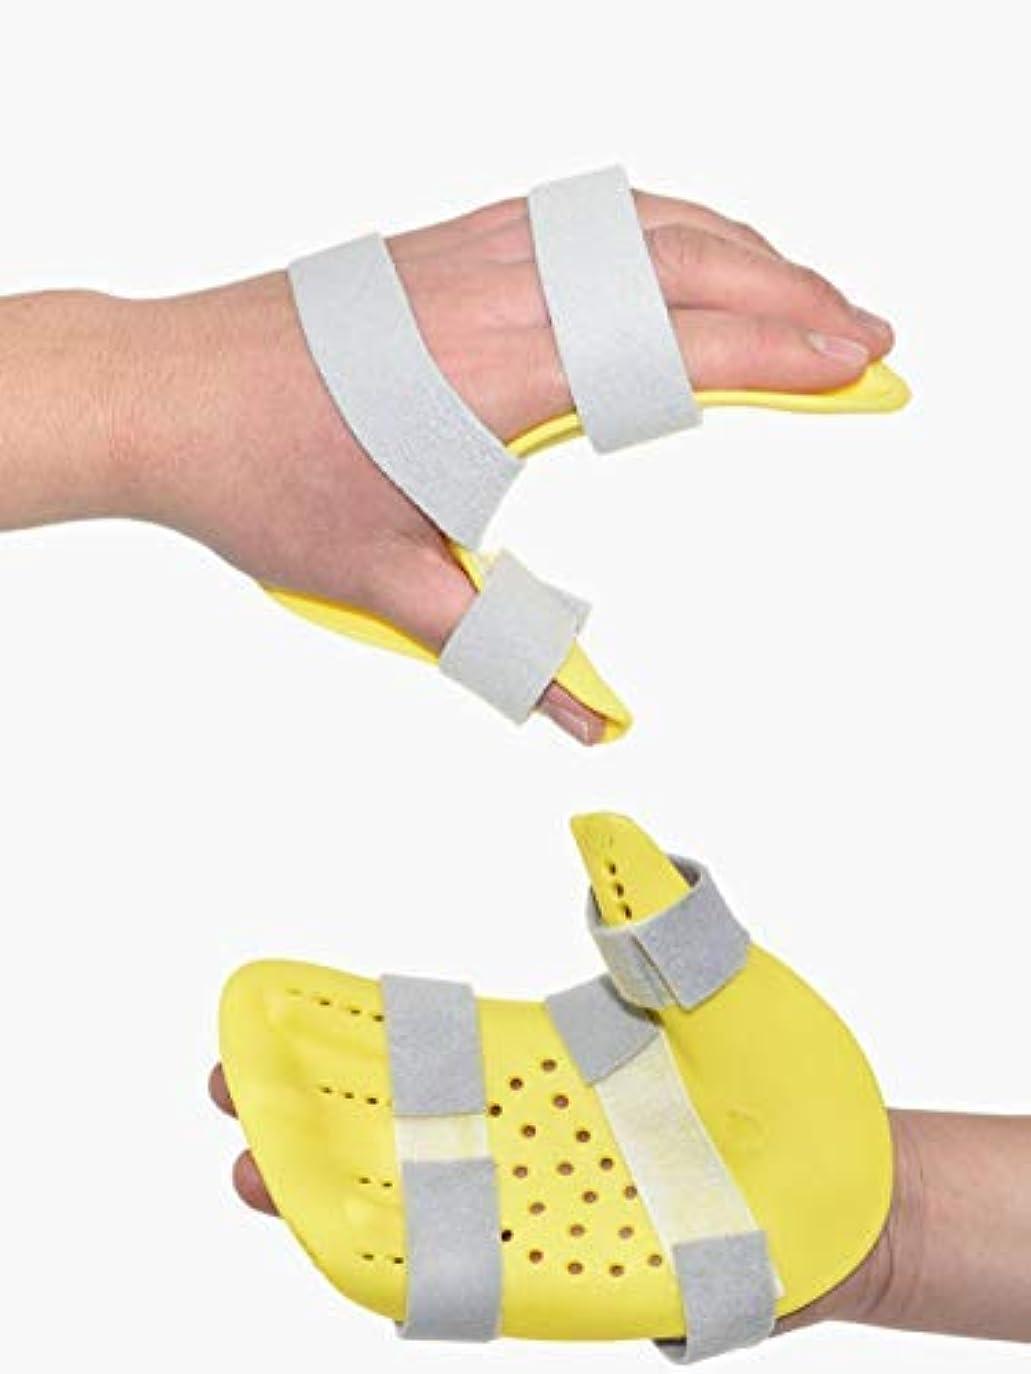 ウィンク干し草賢い研修会スプリント指、指装具、脳卒中片麻痺リハビリ機器医療の手の手首のトレーニング装具を指 (Left)